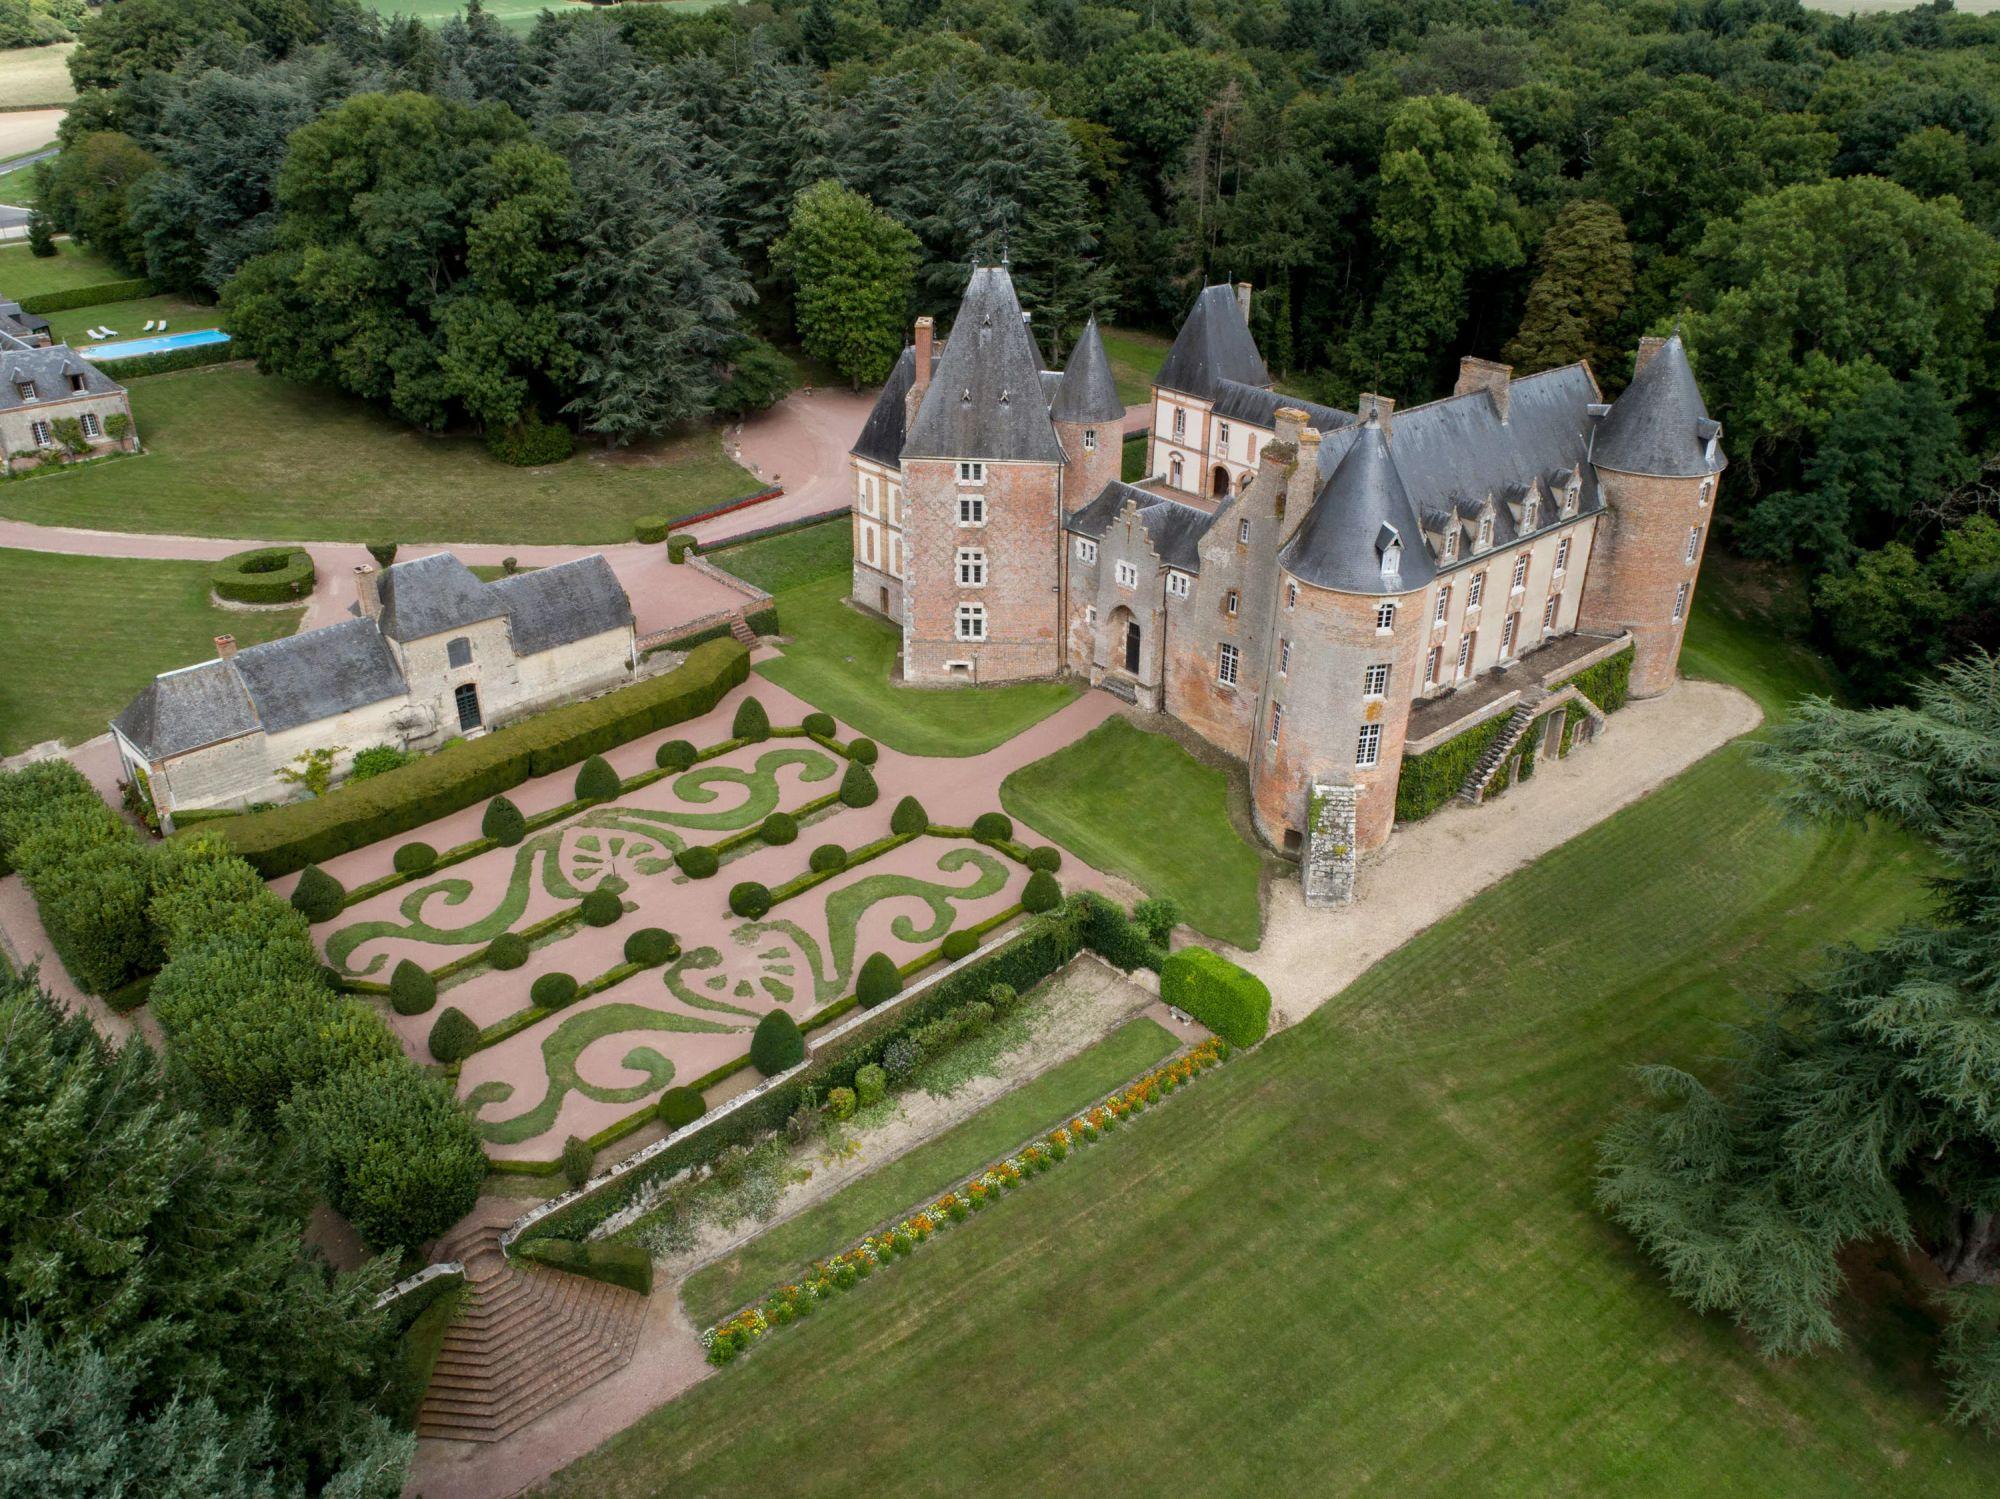 chateau-de-blancafort-blancafort-france-0101_fworq0